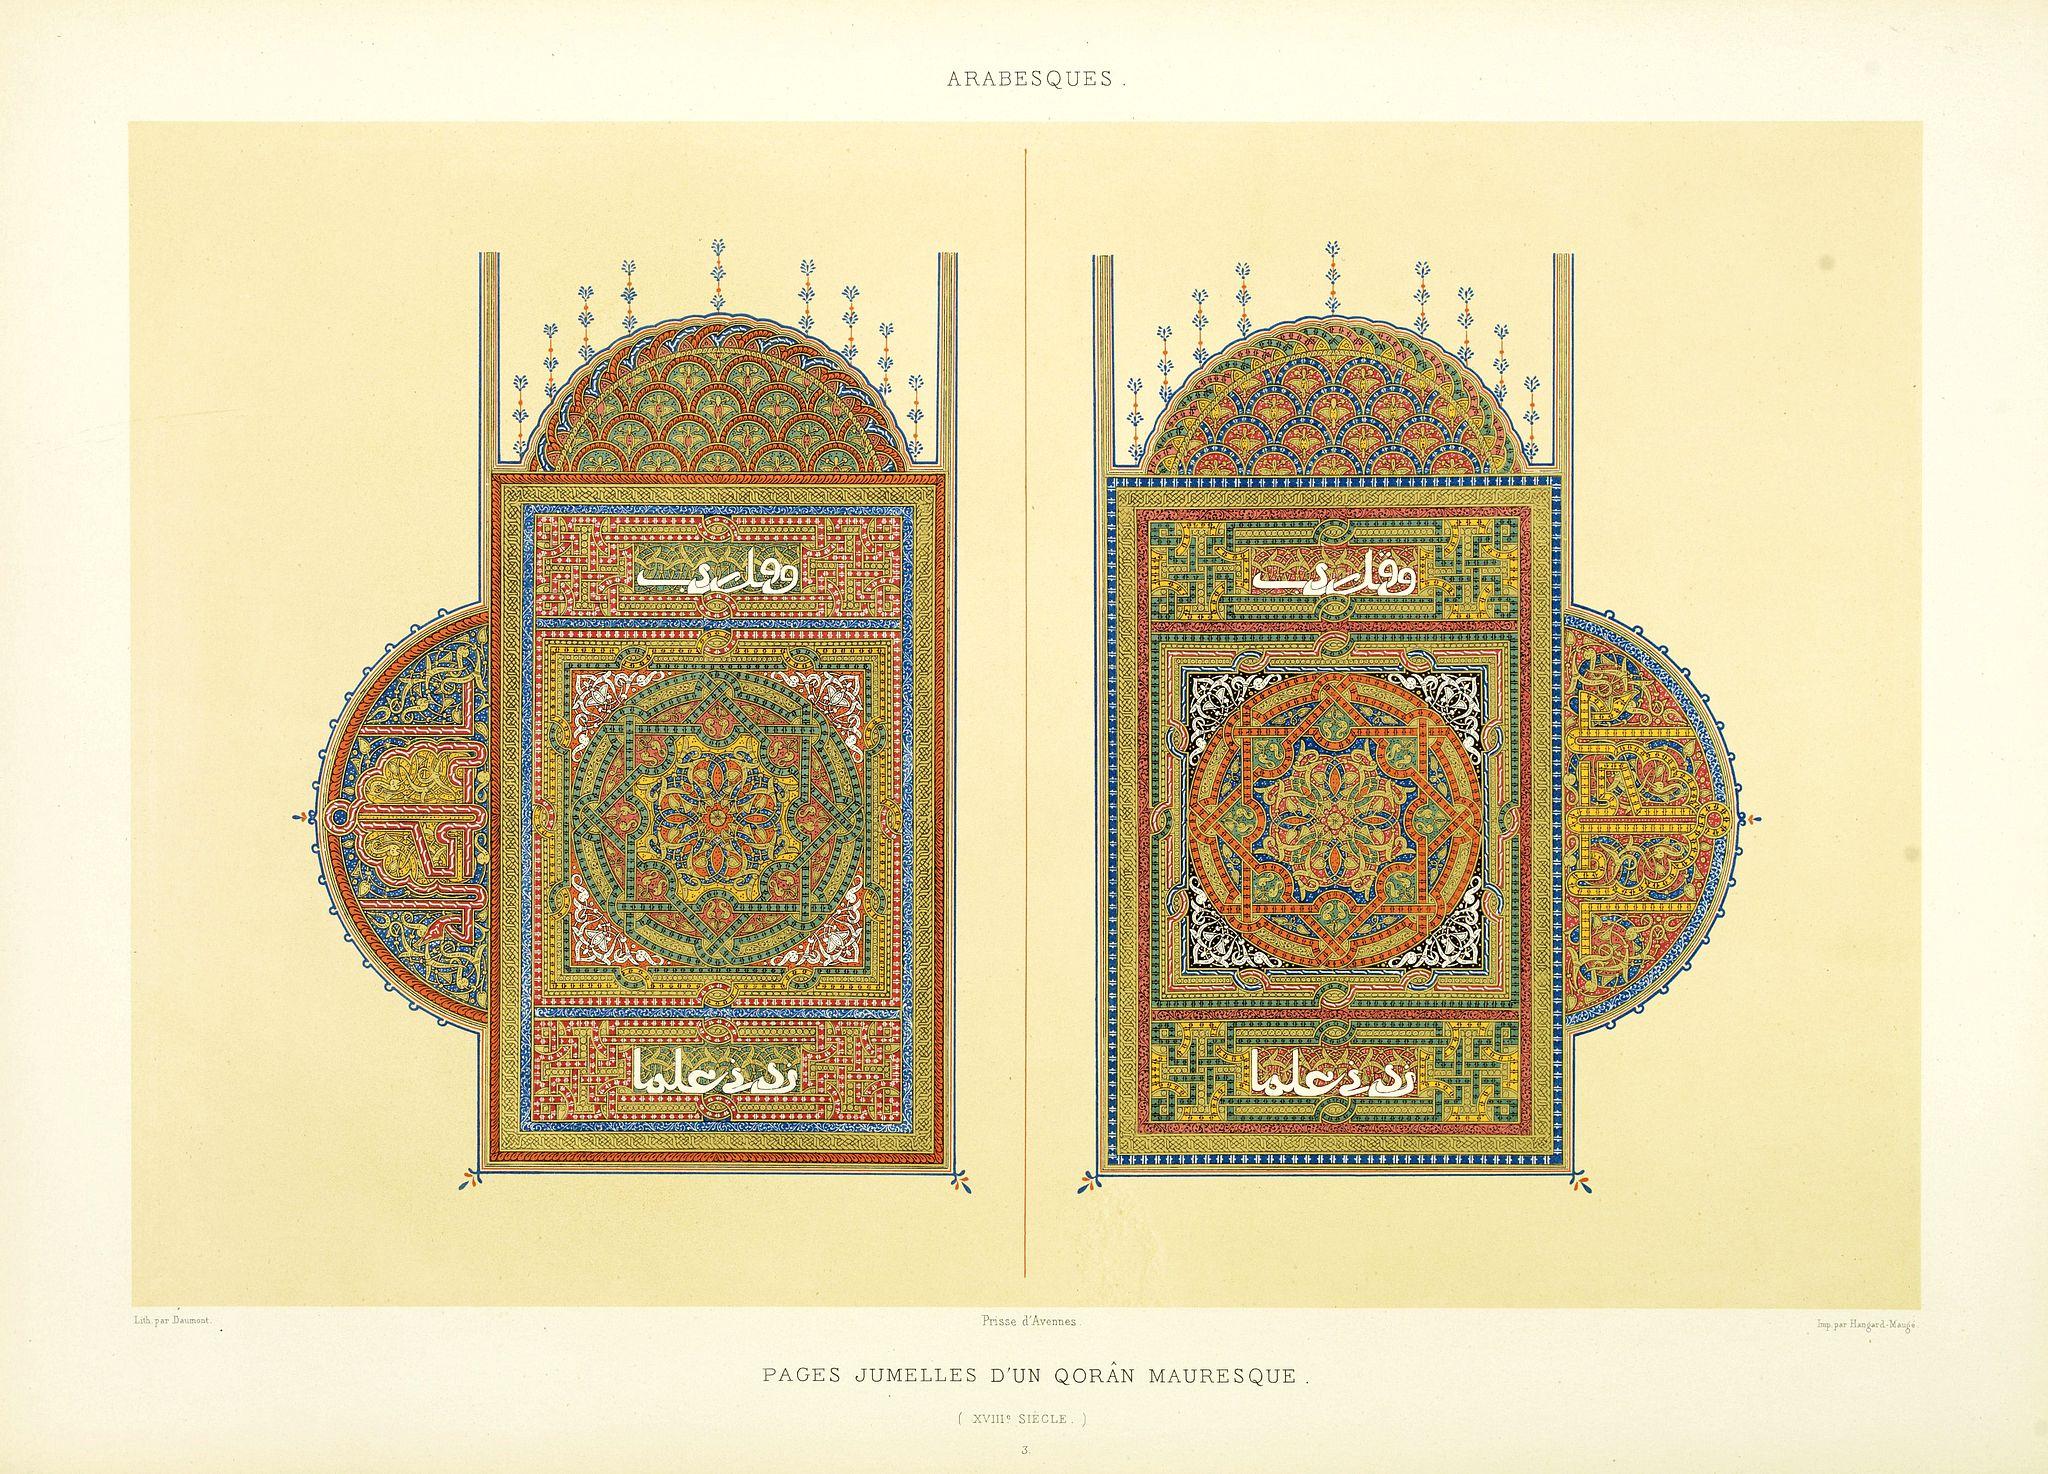 PRISSE D'AVENNES, E. -  Arabesques. - Pages jumelles d'un qorân mauresque. (XVIIIe siècle)